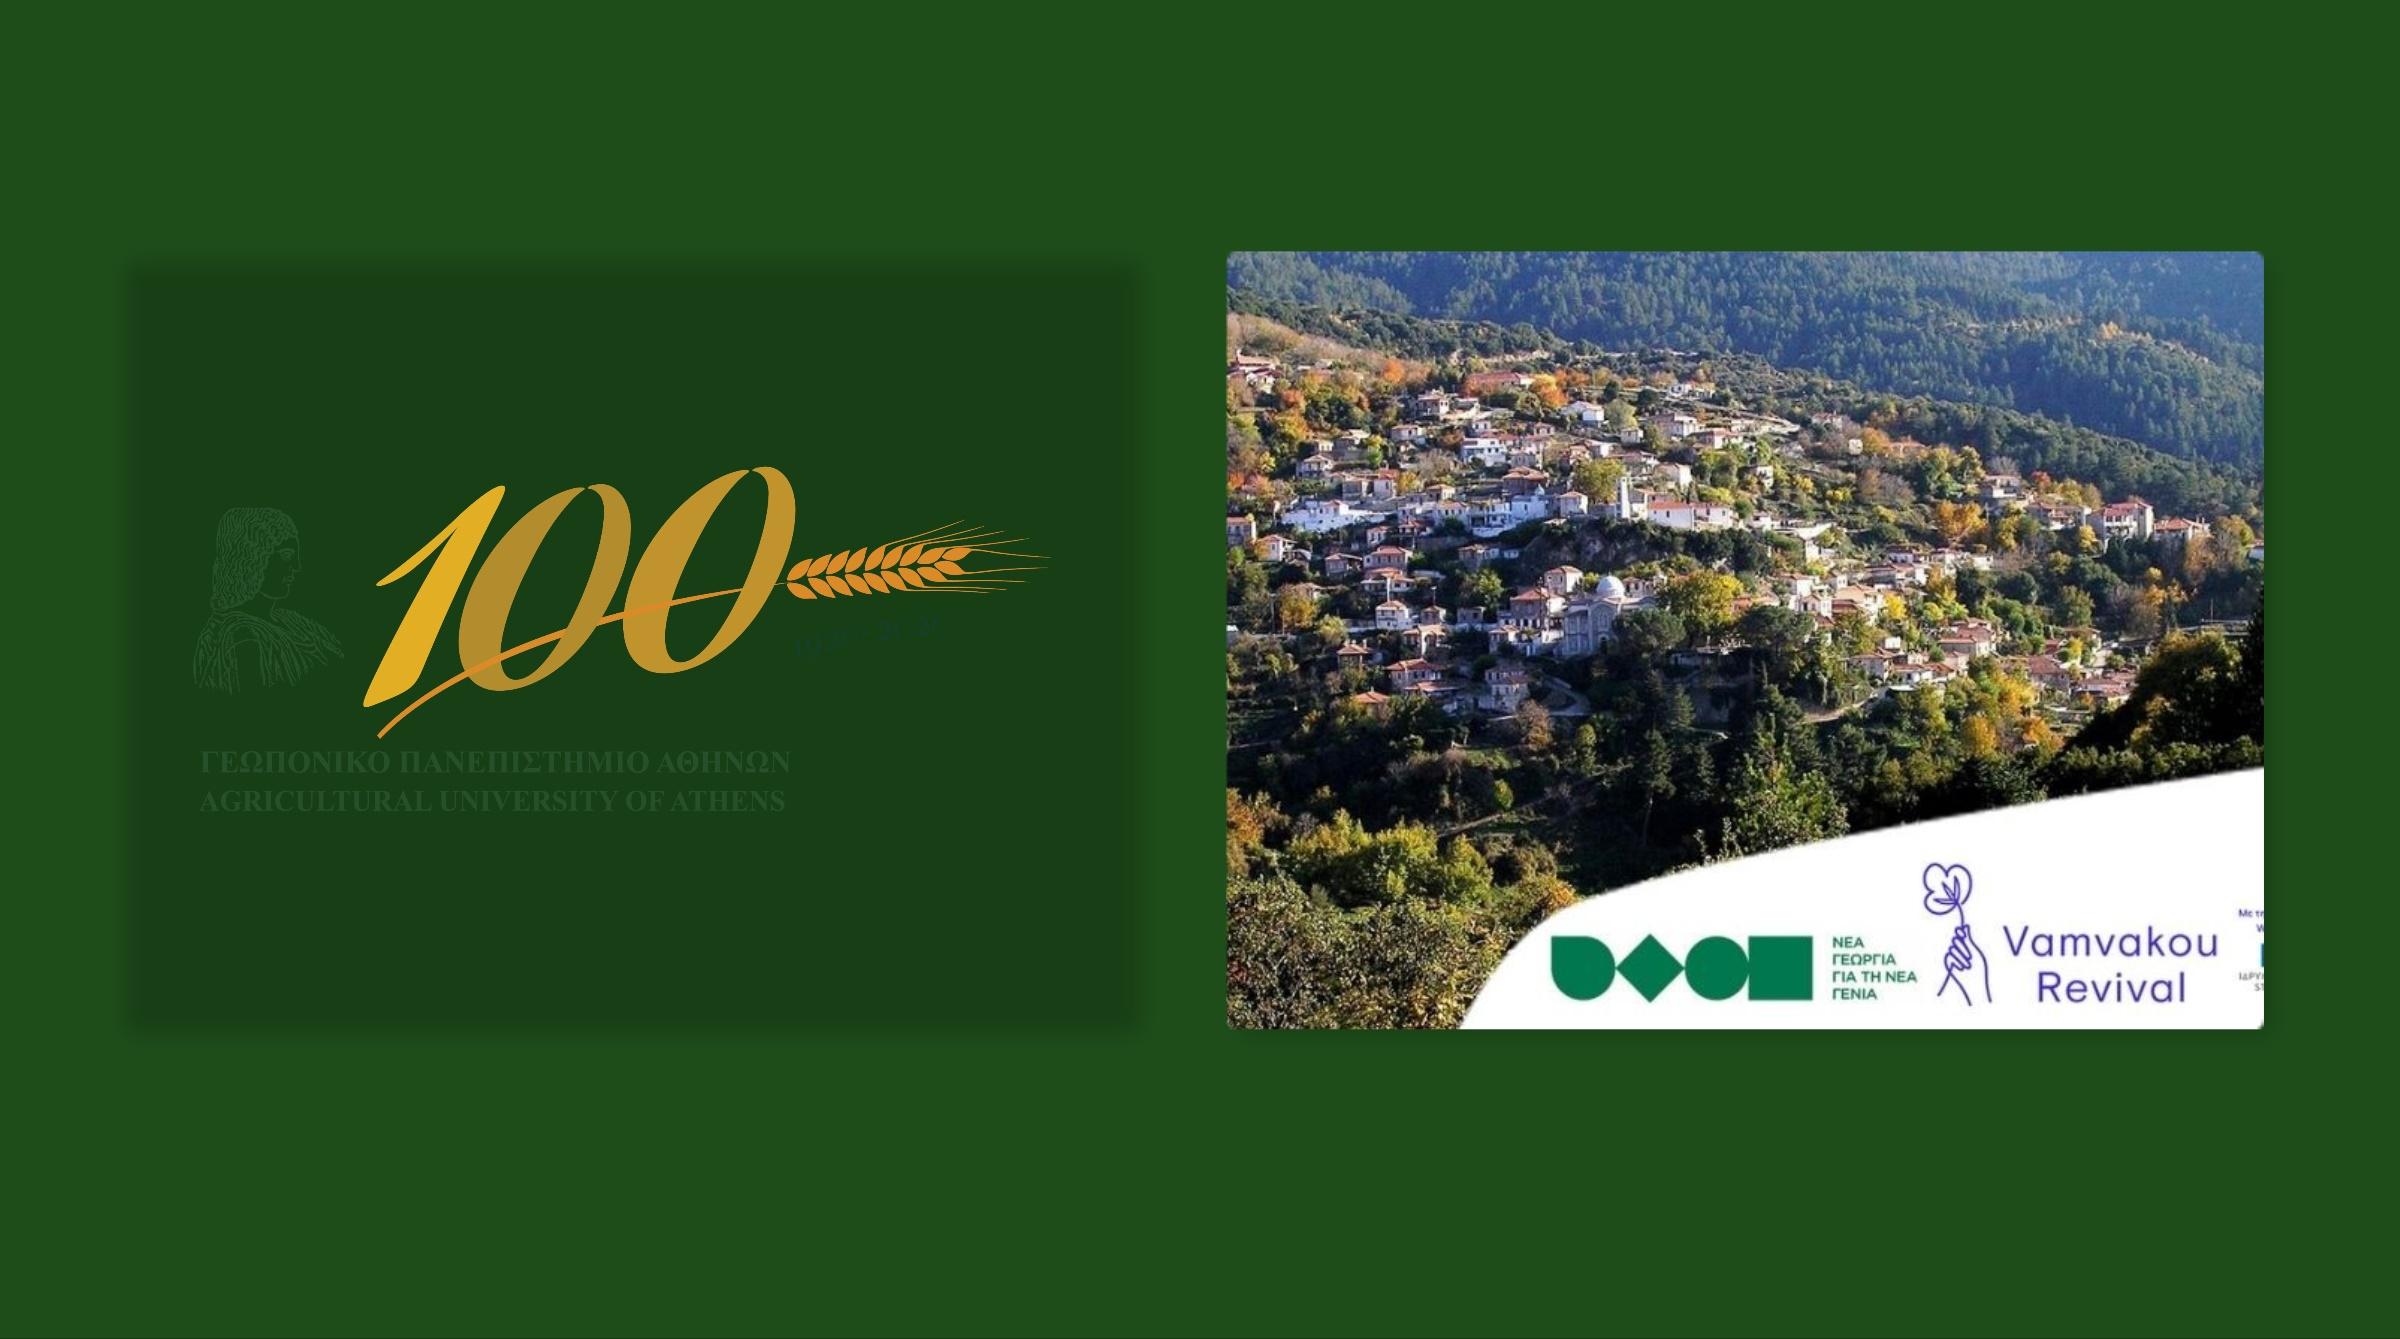 Το ΓΠΑ στην δράση υποστήριξης της Aγροτικής Aνάπτυξης στη Βαμβακού Λακωνίας και του Πάρνωνα